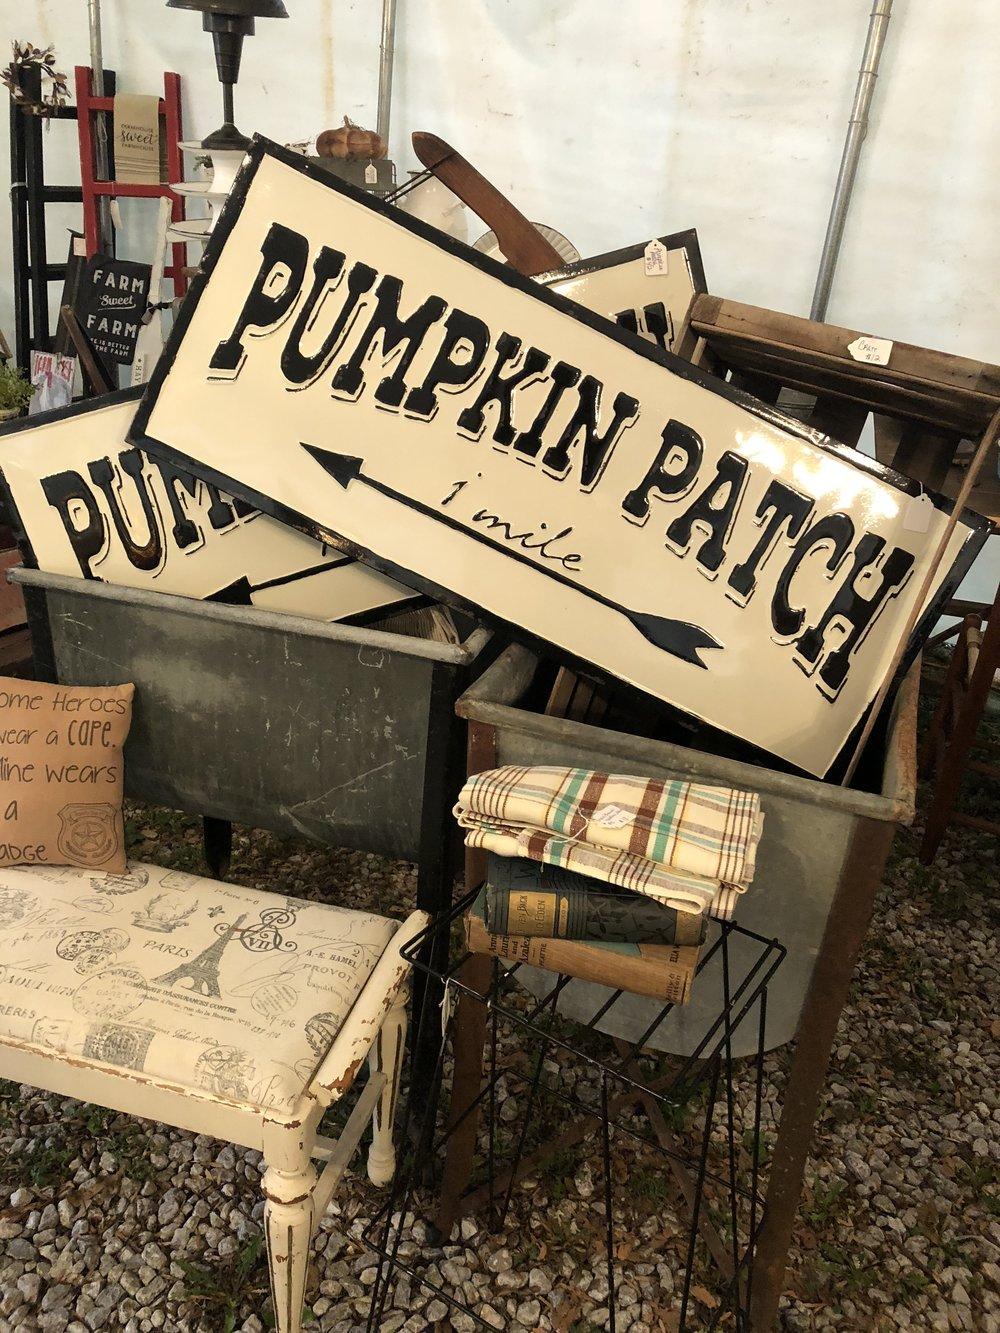 Pheonas Vintage Fall Market in Billings MO